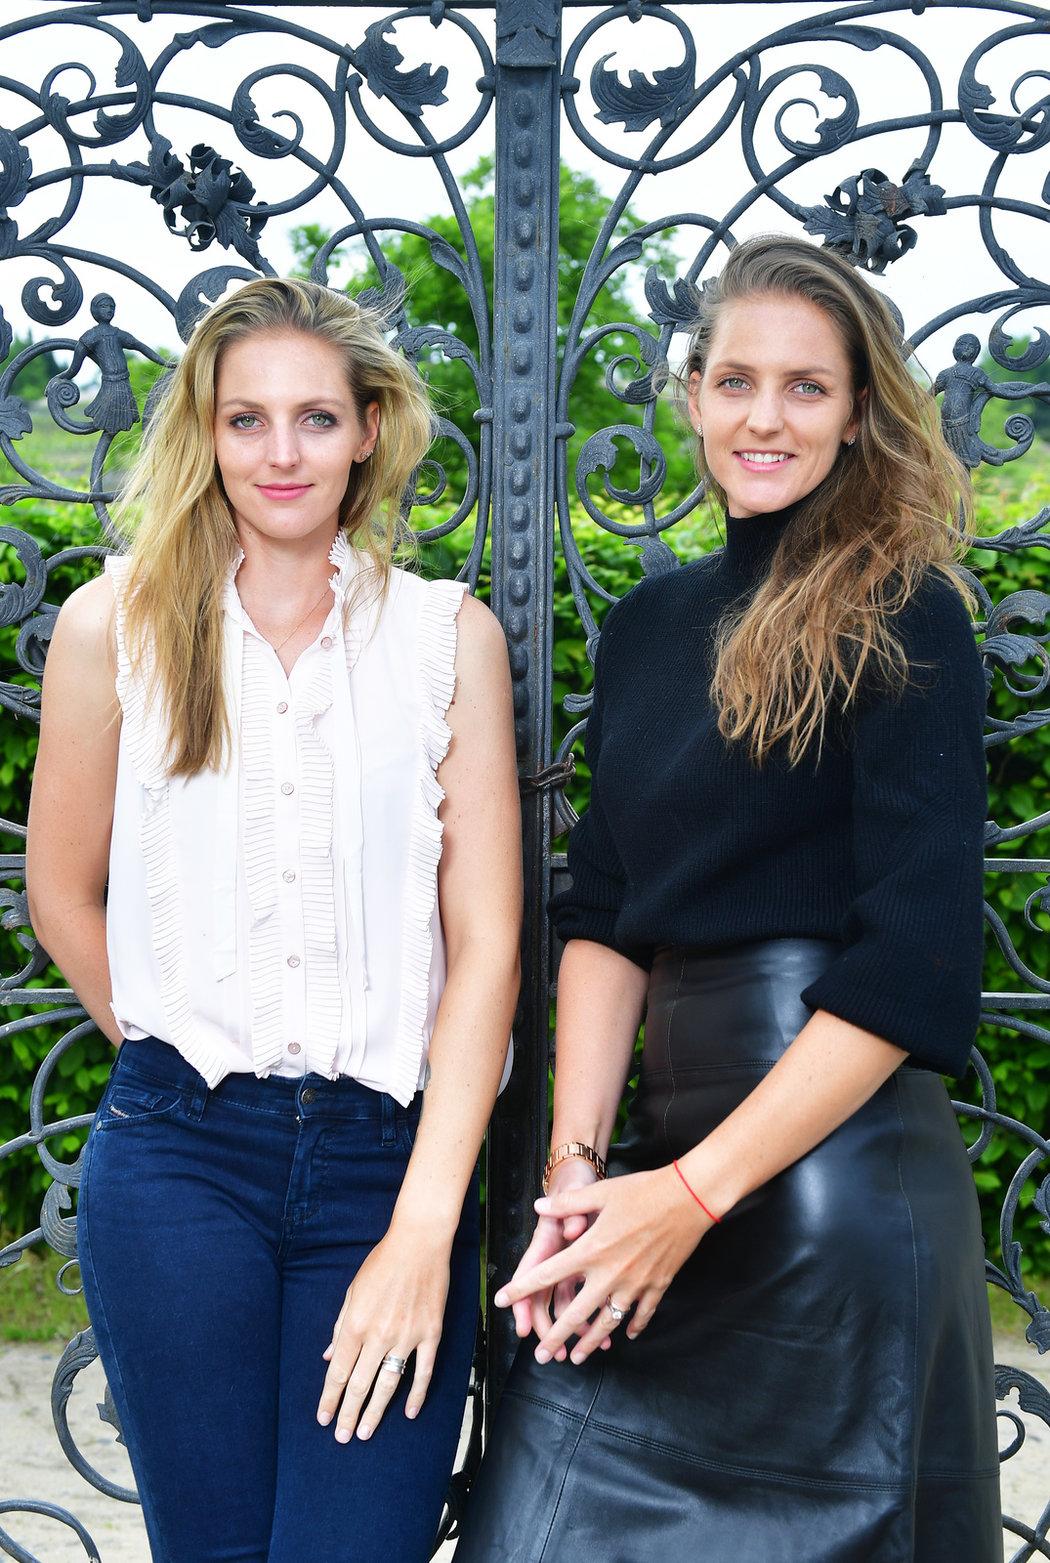 Tenisové sestry Kristýna (vlevo) a Karolína Plíškovy. Podle jejich slov už si je lidé pletou jen občas na zahraničních turnajích